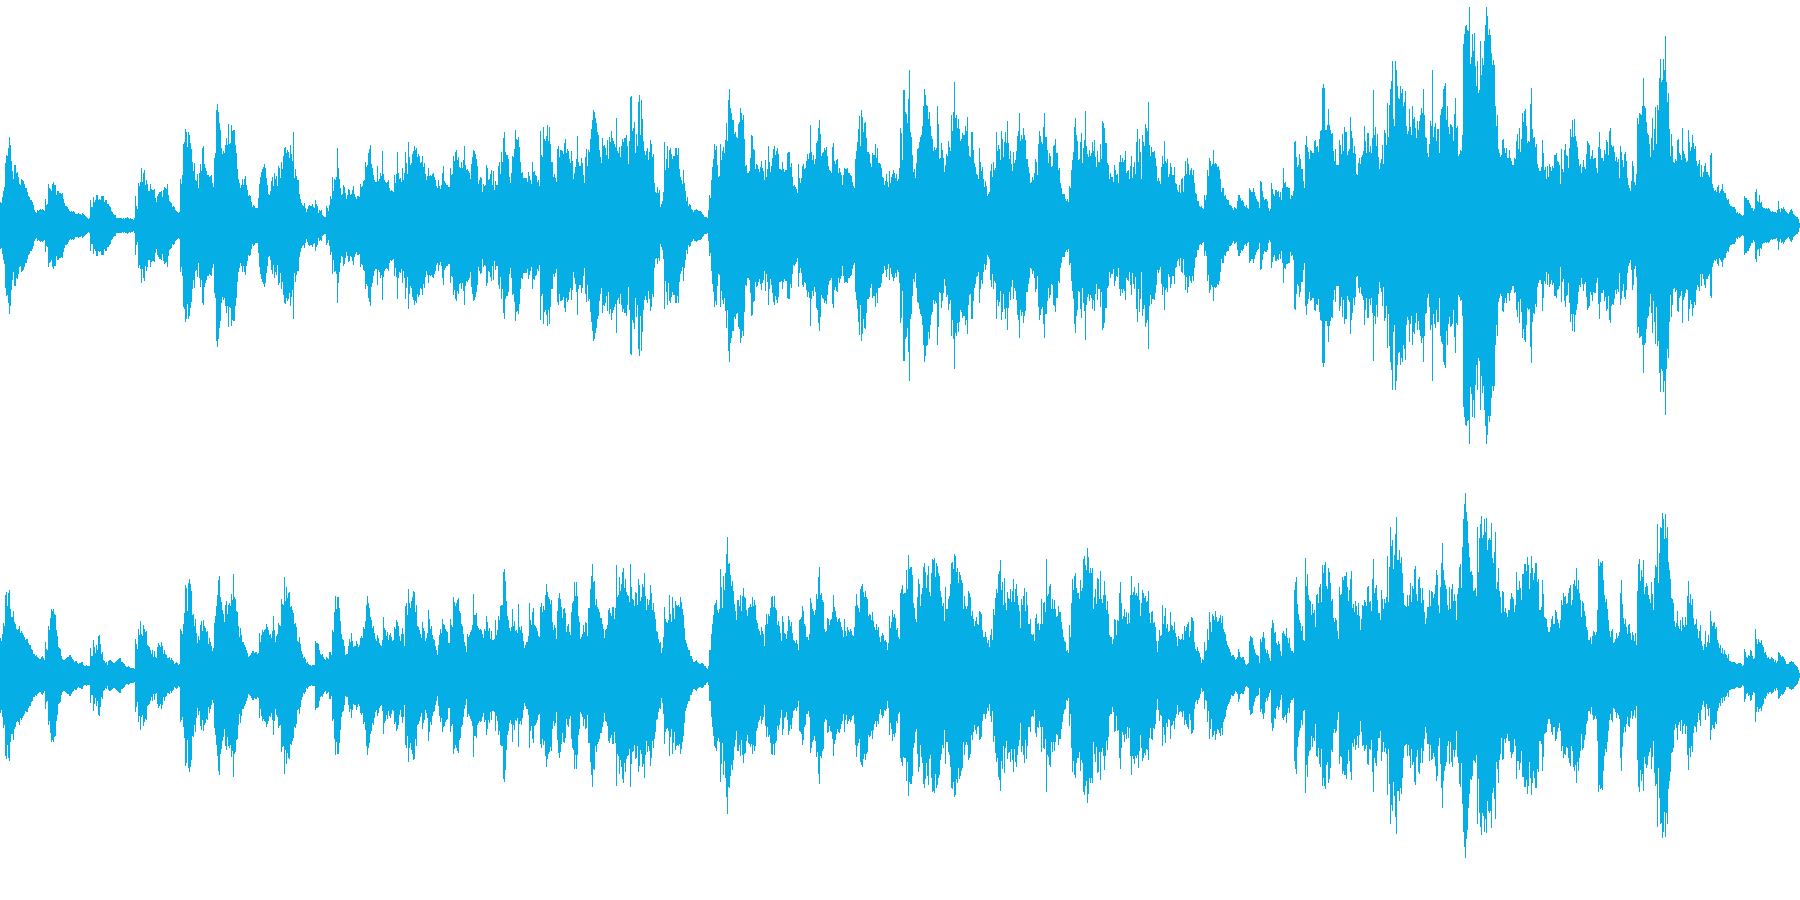 深い森・ダンジョンのBGM風 ピアノソロの再生済みの波形